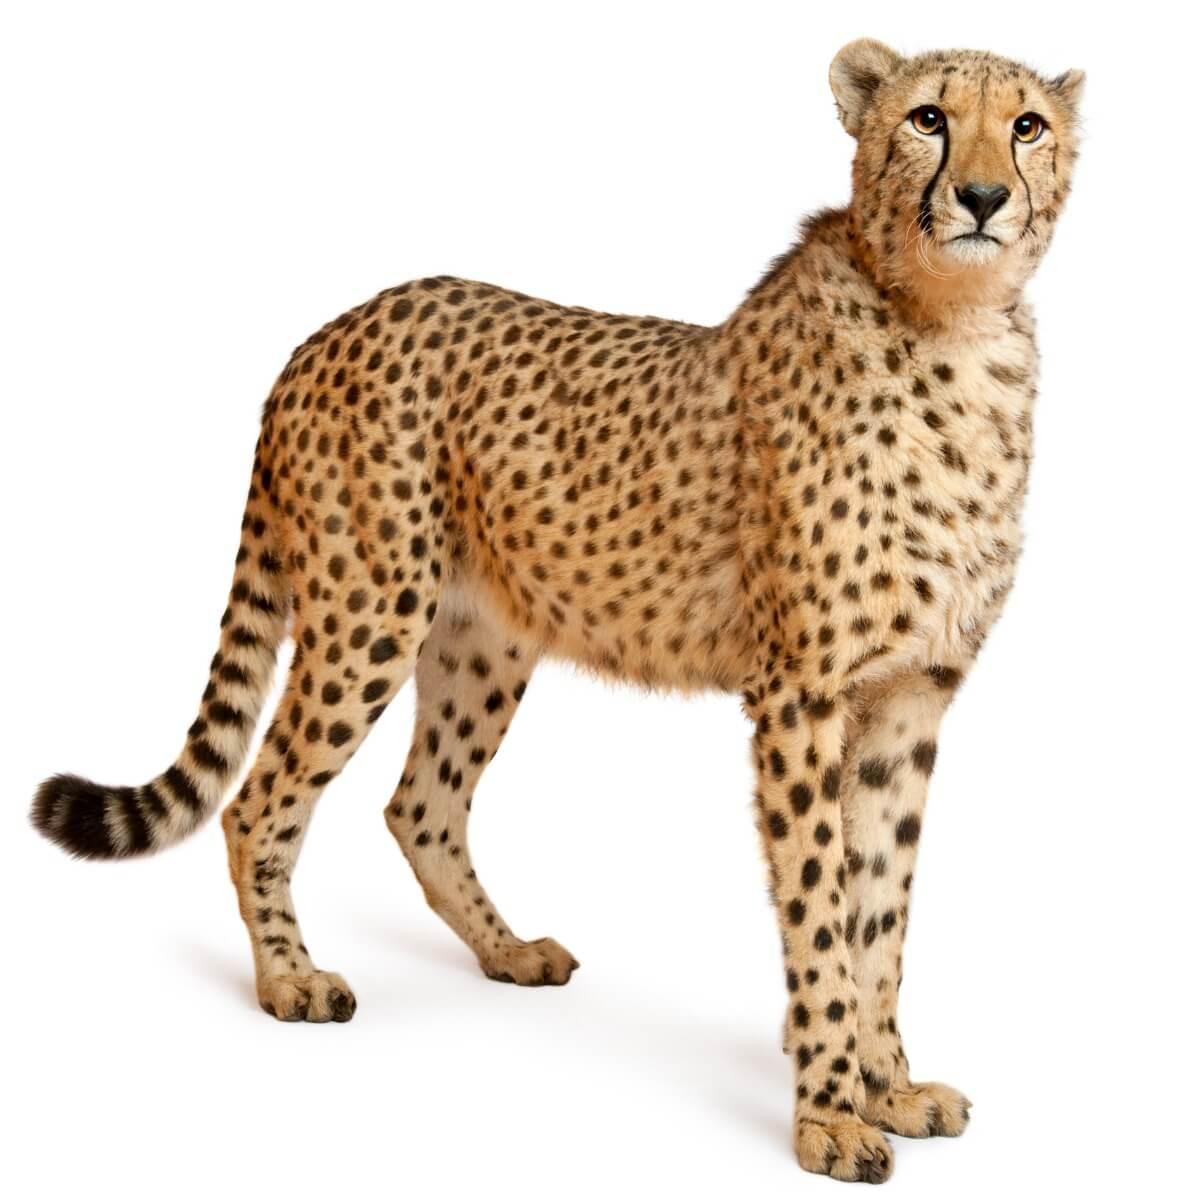 Un guépard sur fond blanc.